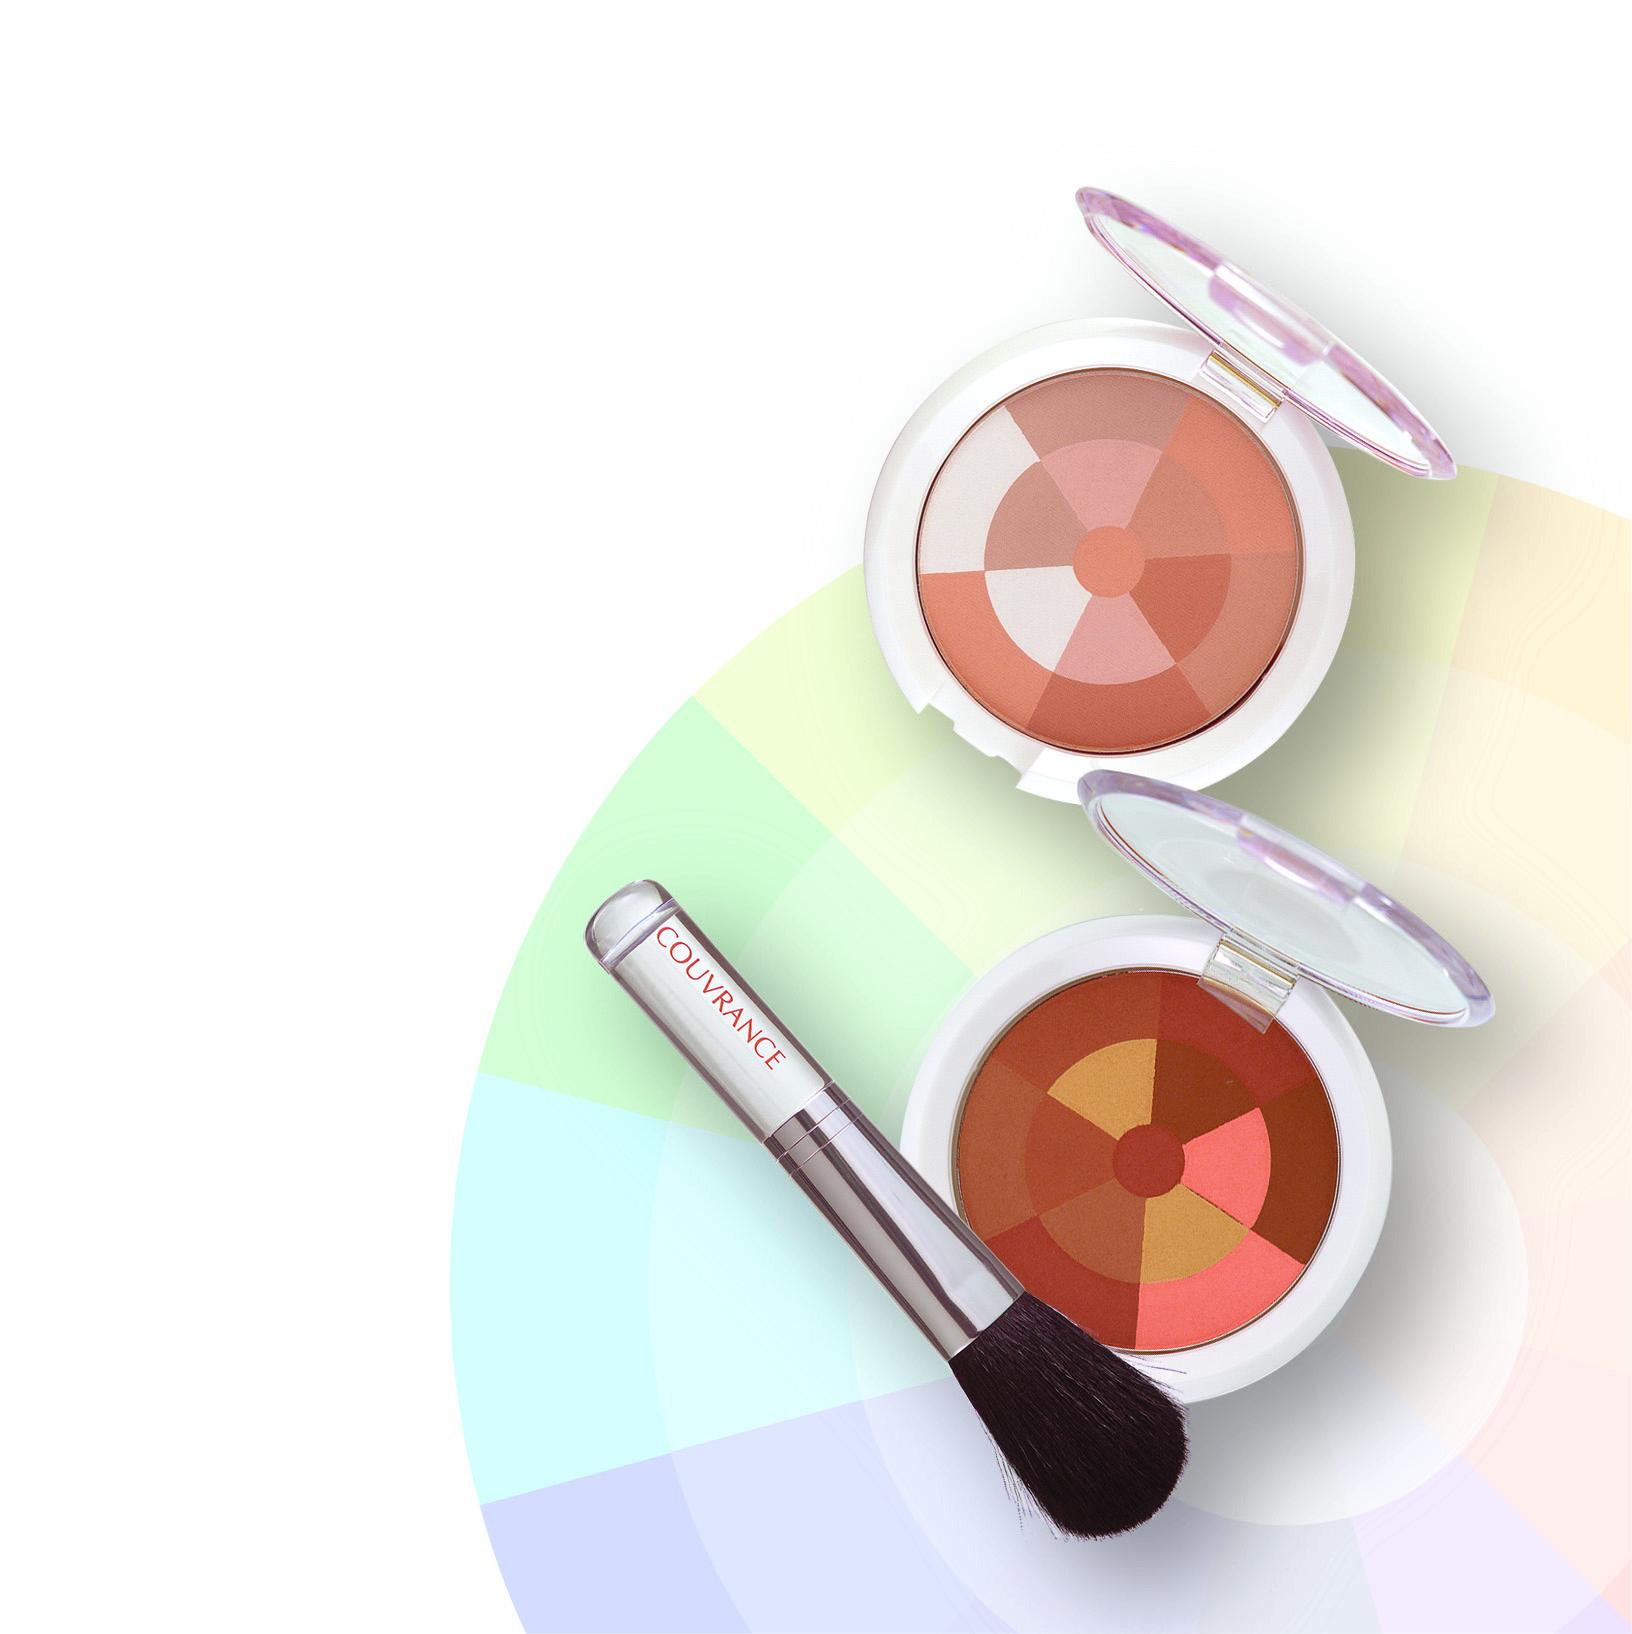 AVENE Transparentní mozaikový pudr světlý - Poudre Mosaique Translucide 9g